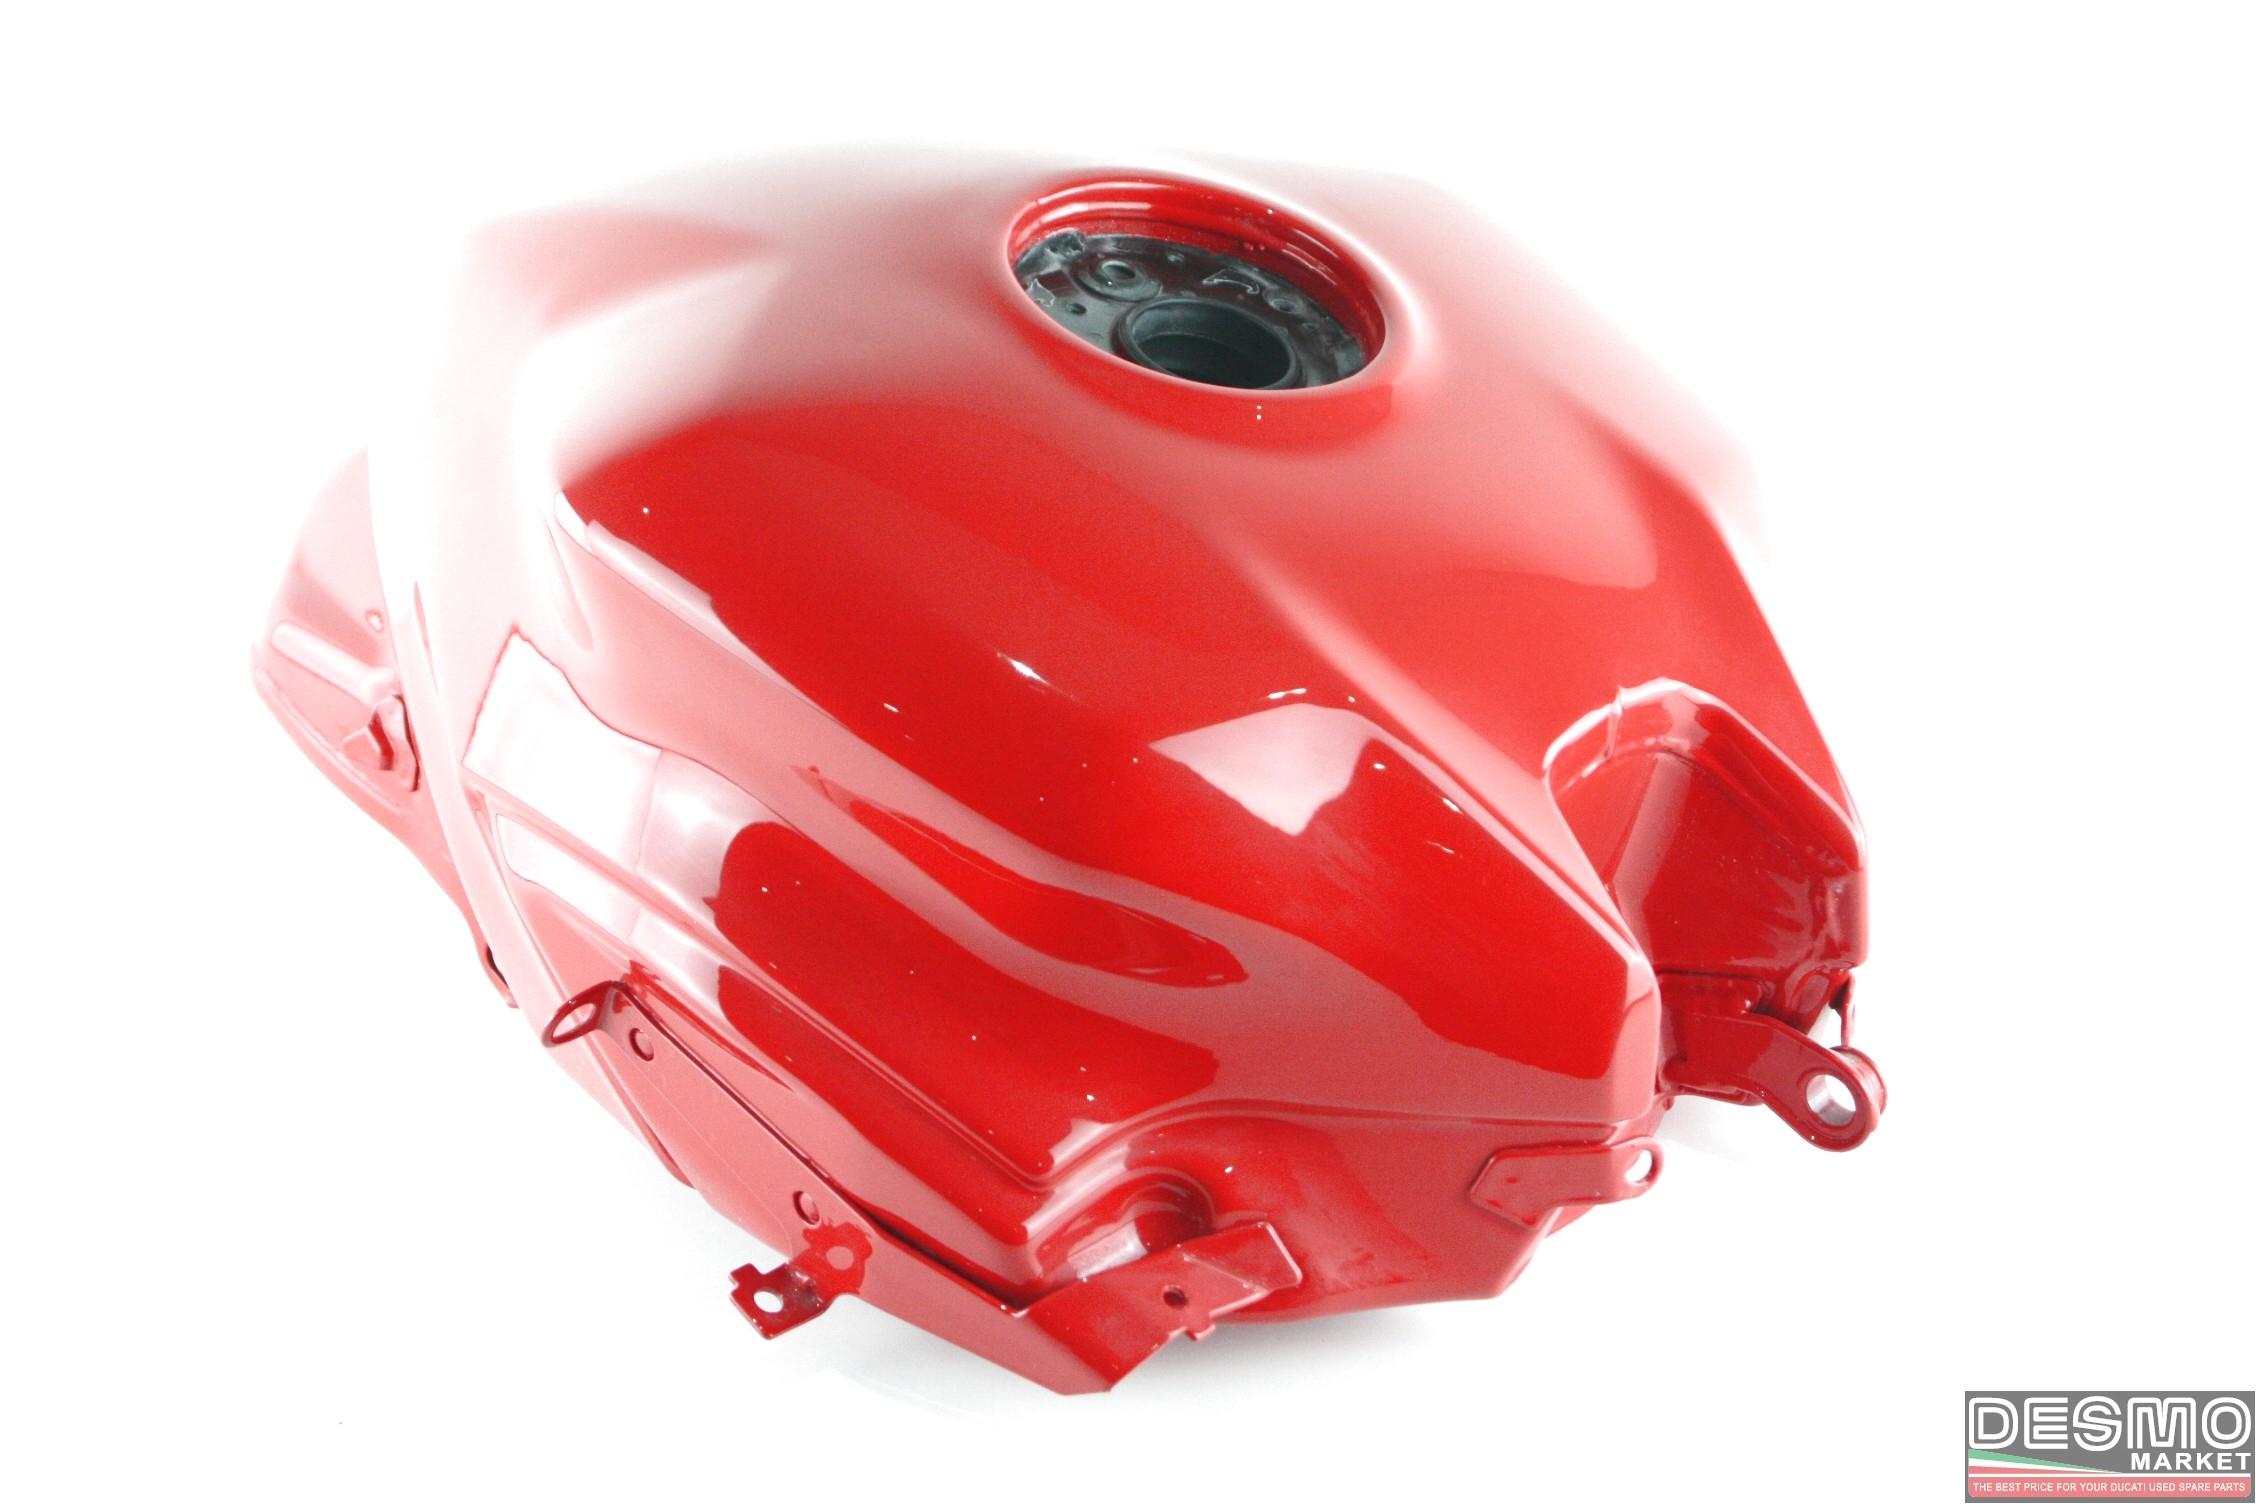 Serbatoio benzina nuovo rosso ducati supersport 939